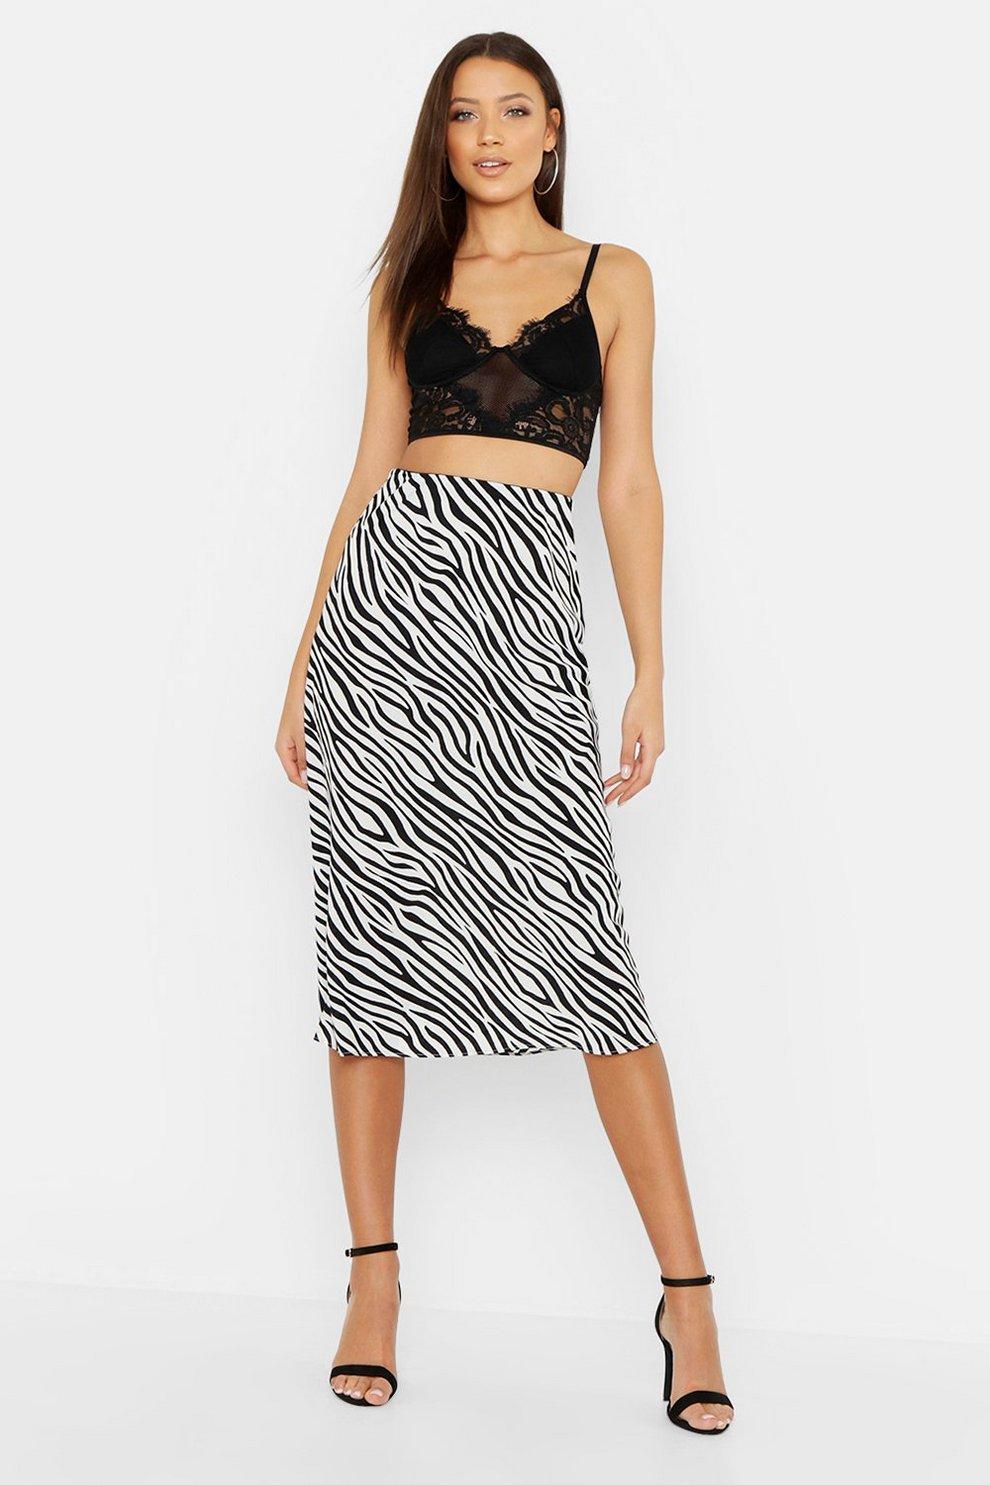 a0d0e67582 Womens White Tall Zebra Print Satin Midi Skirt. Hover to zoom